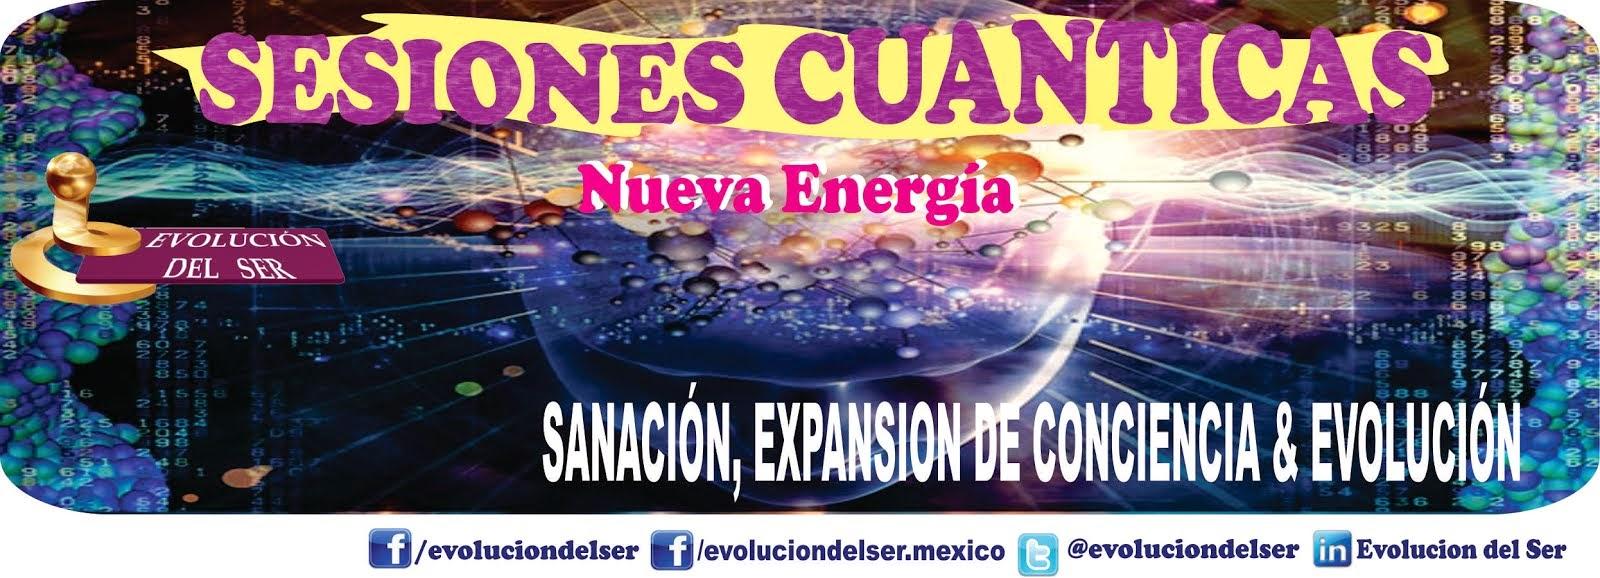 SESIONES CUANTICAS * NUEVA ENERGIA* SANACION* EVOLUCION & CONCIENCIA